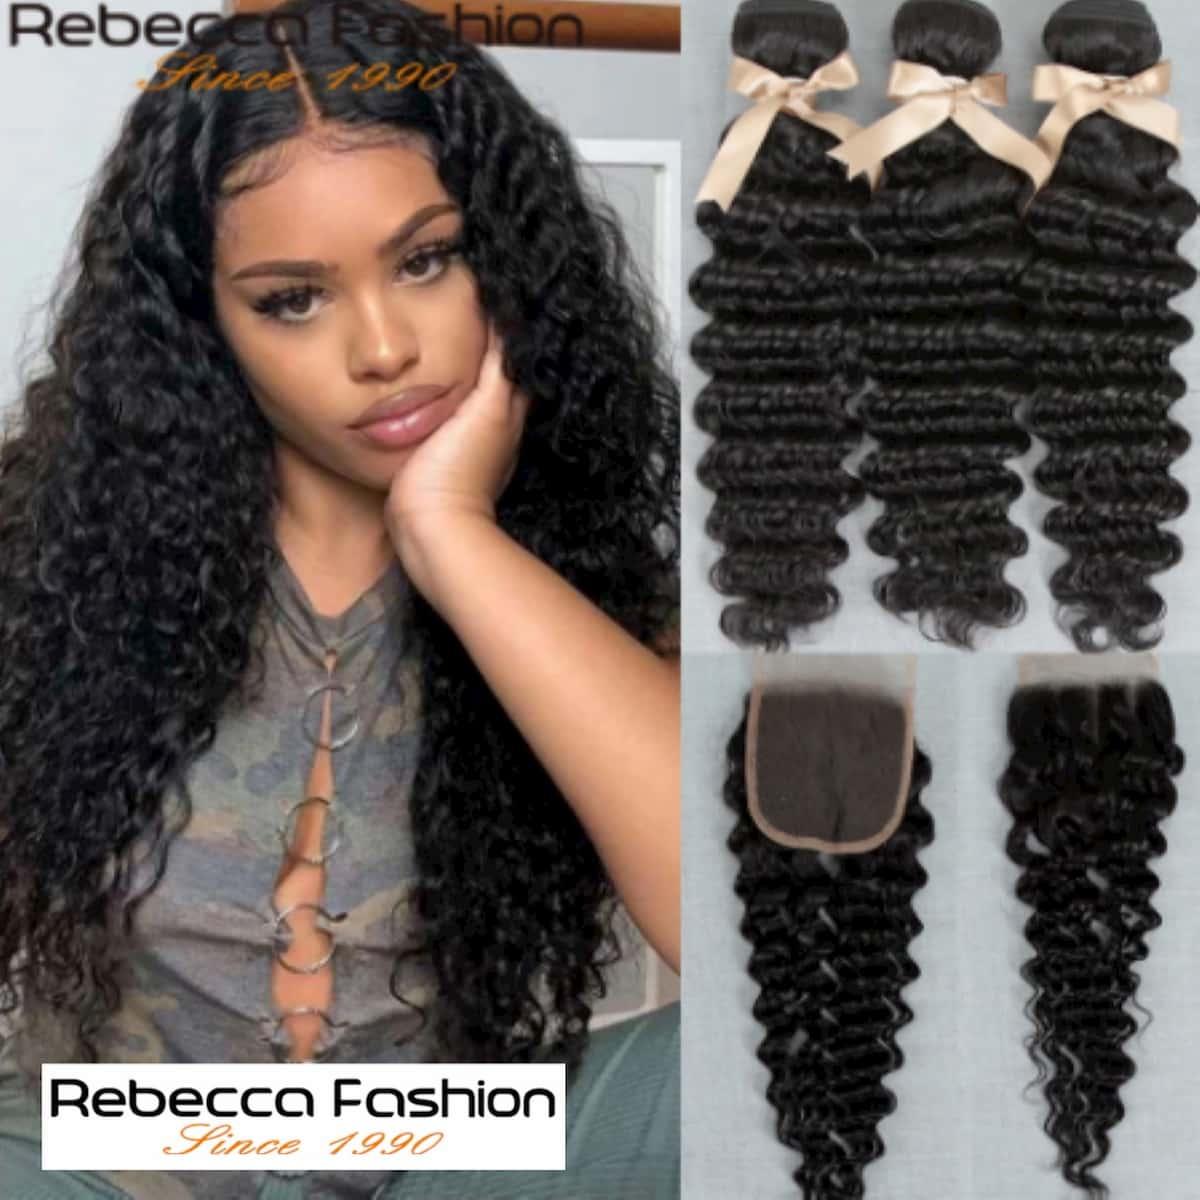 Rebecca fashion